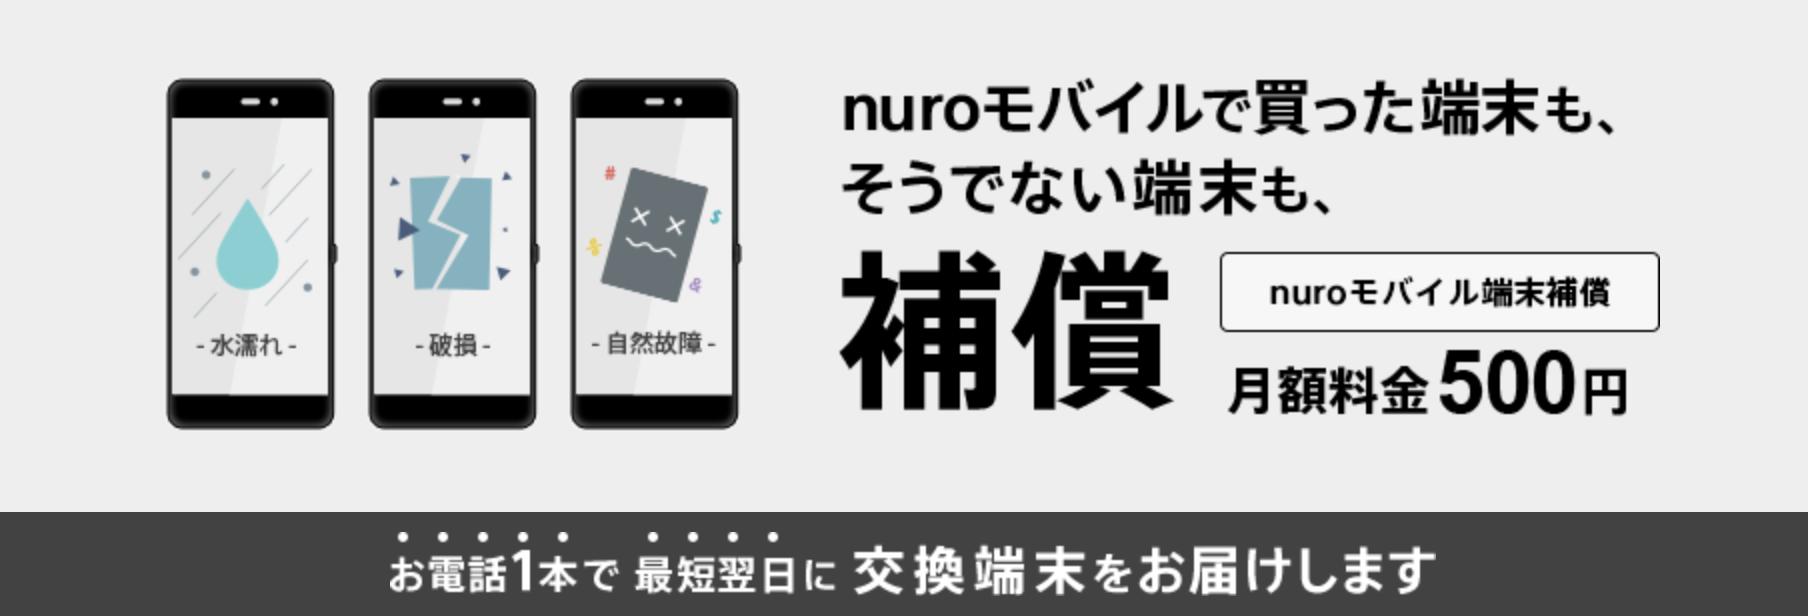 nuroモバイル 端末保証サービス